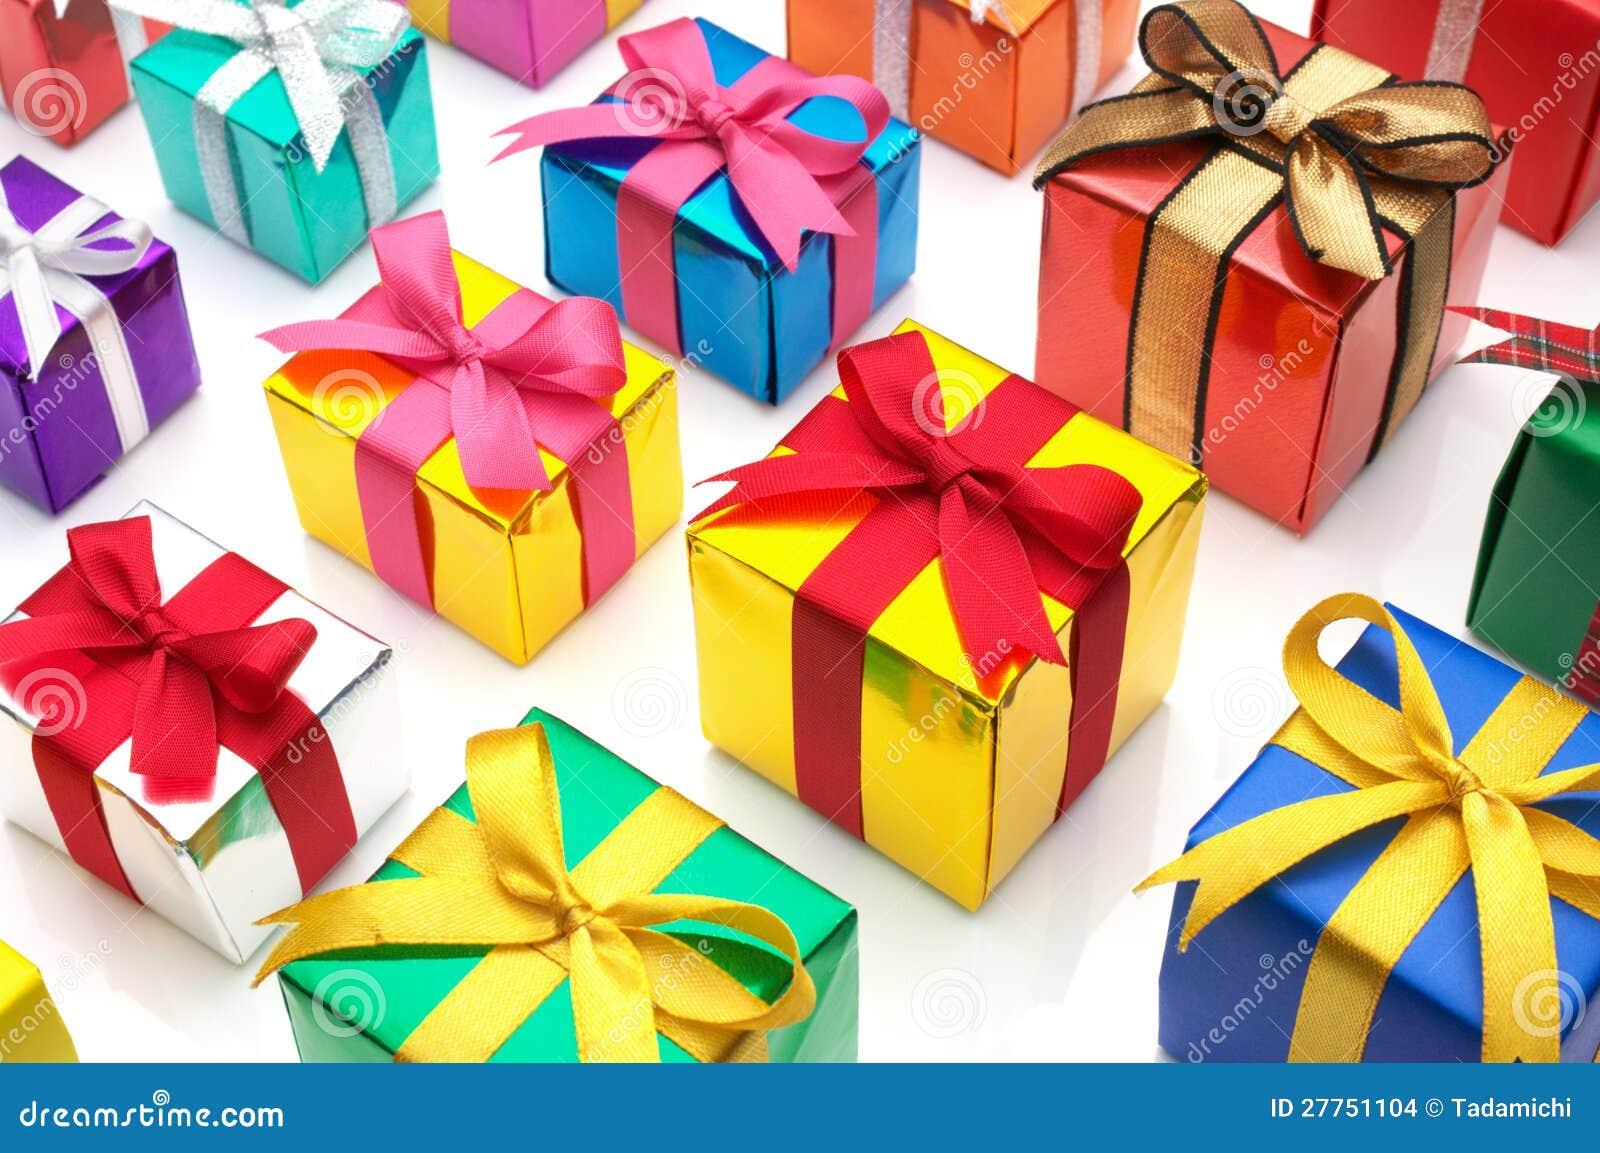 Cadeaux colorés alignés.